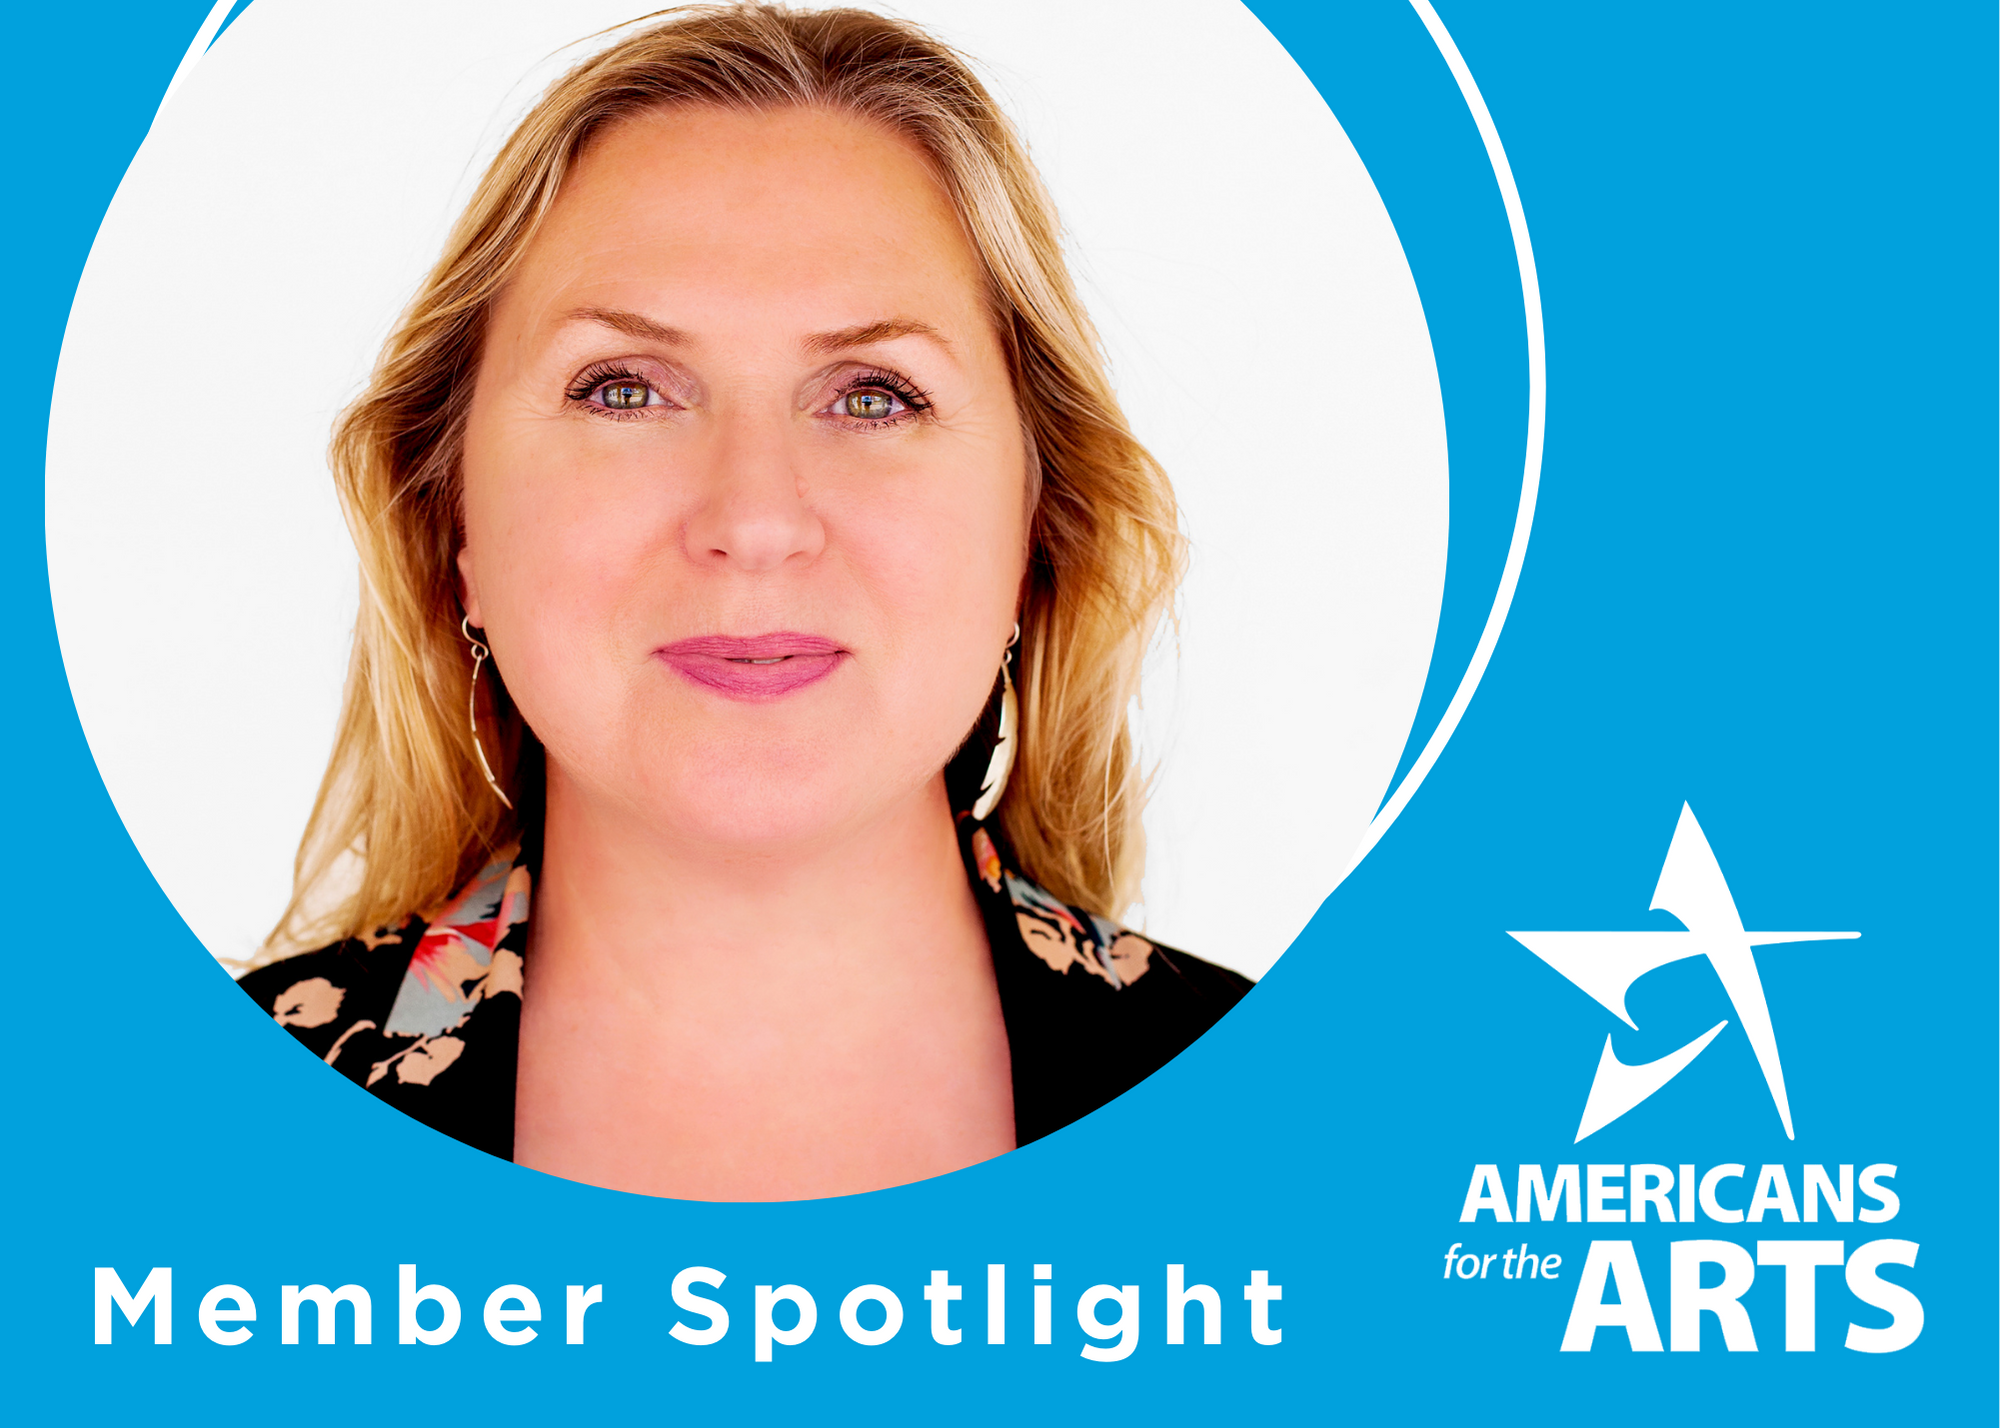 Americans For The Arts Member Spotlight: Bernadette Carroll